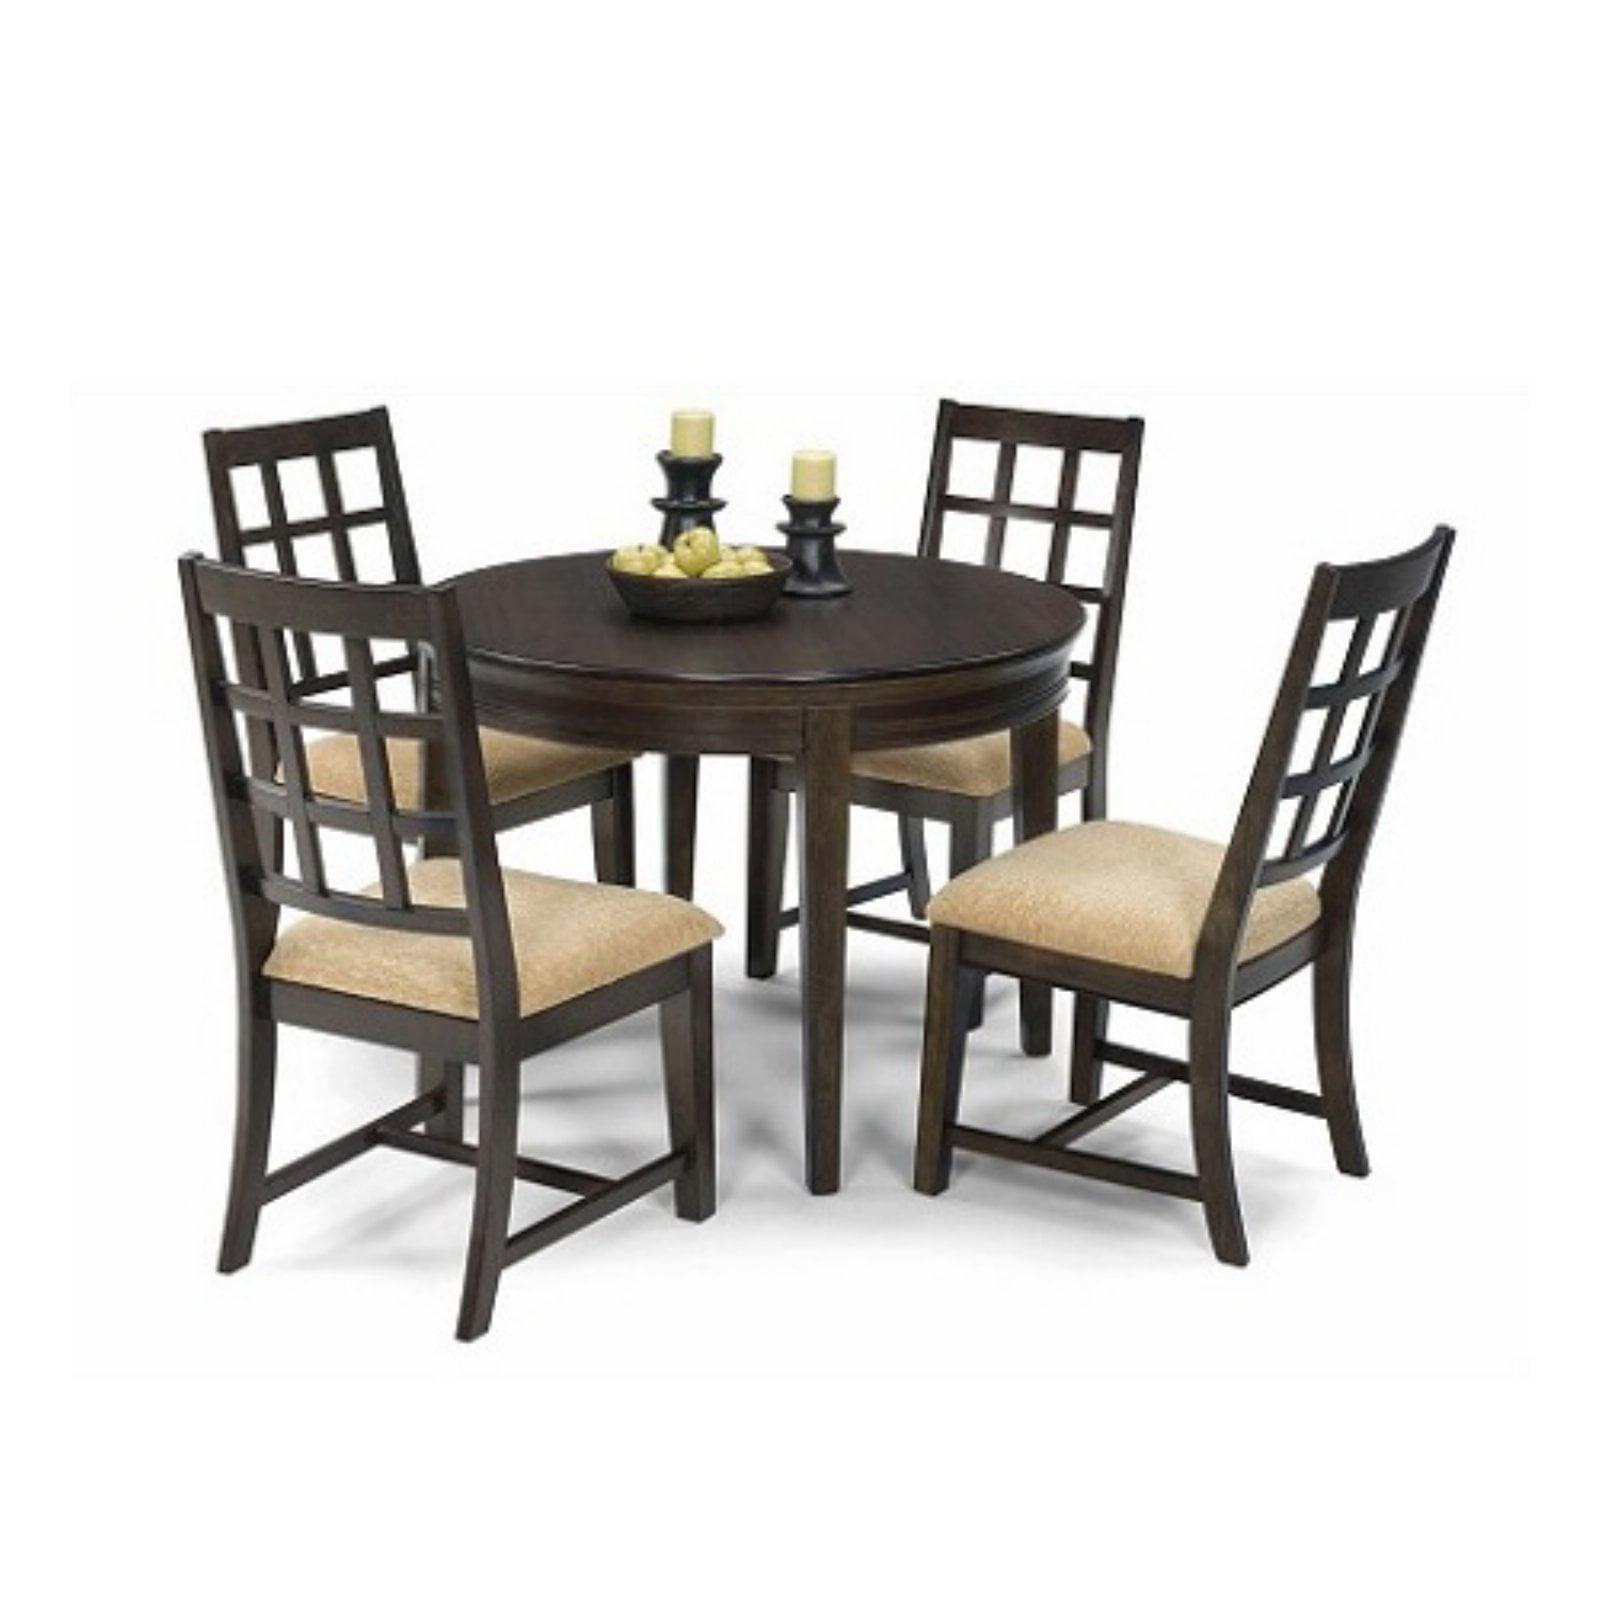 Progressive Furniture Casual Traditions Round Dining Table by Progressive Furniture Inc